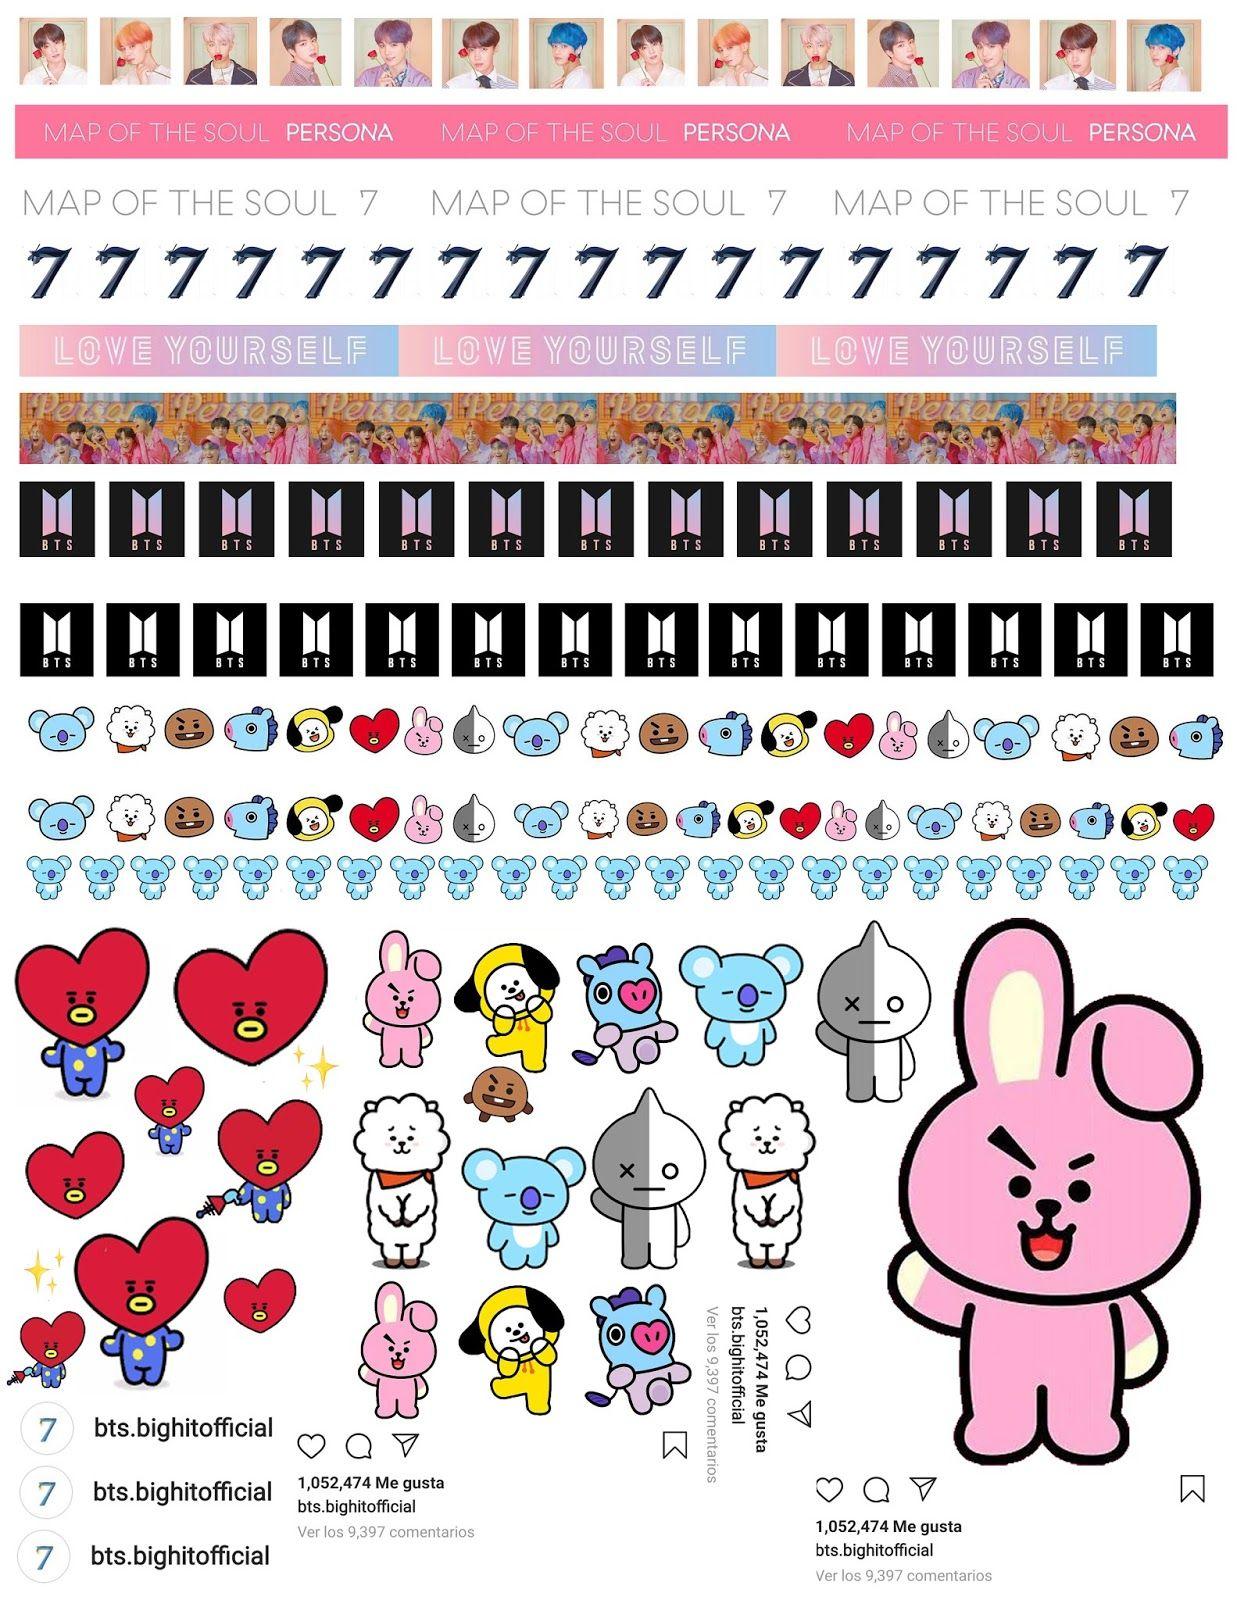 Akari Beauty Official 50 Diys De Utiles Escolares Que Toda Army Necesita Tener De Bts En 2020 Pegatinas Bonitas Pegatinas Imprimibles Pegatinas Para Imprimir Gratis